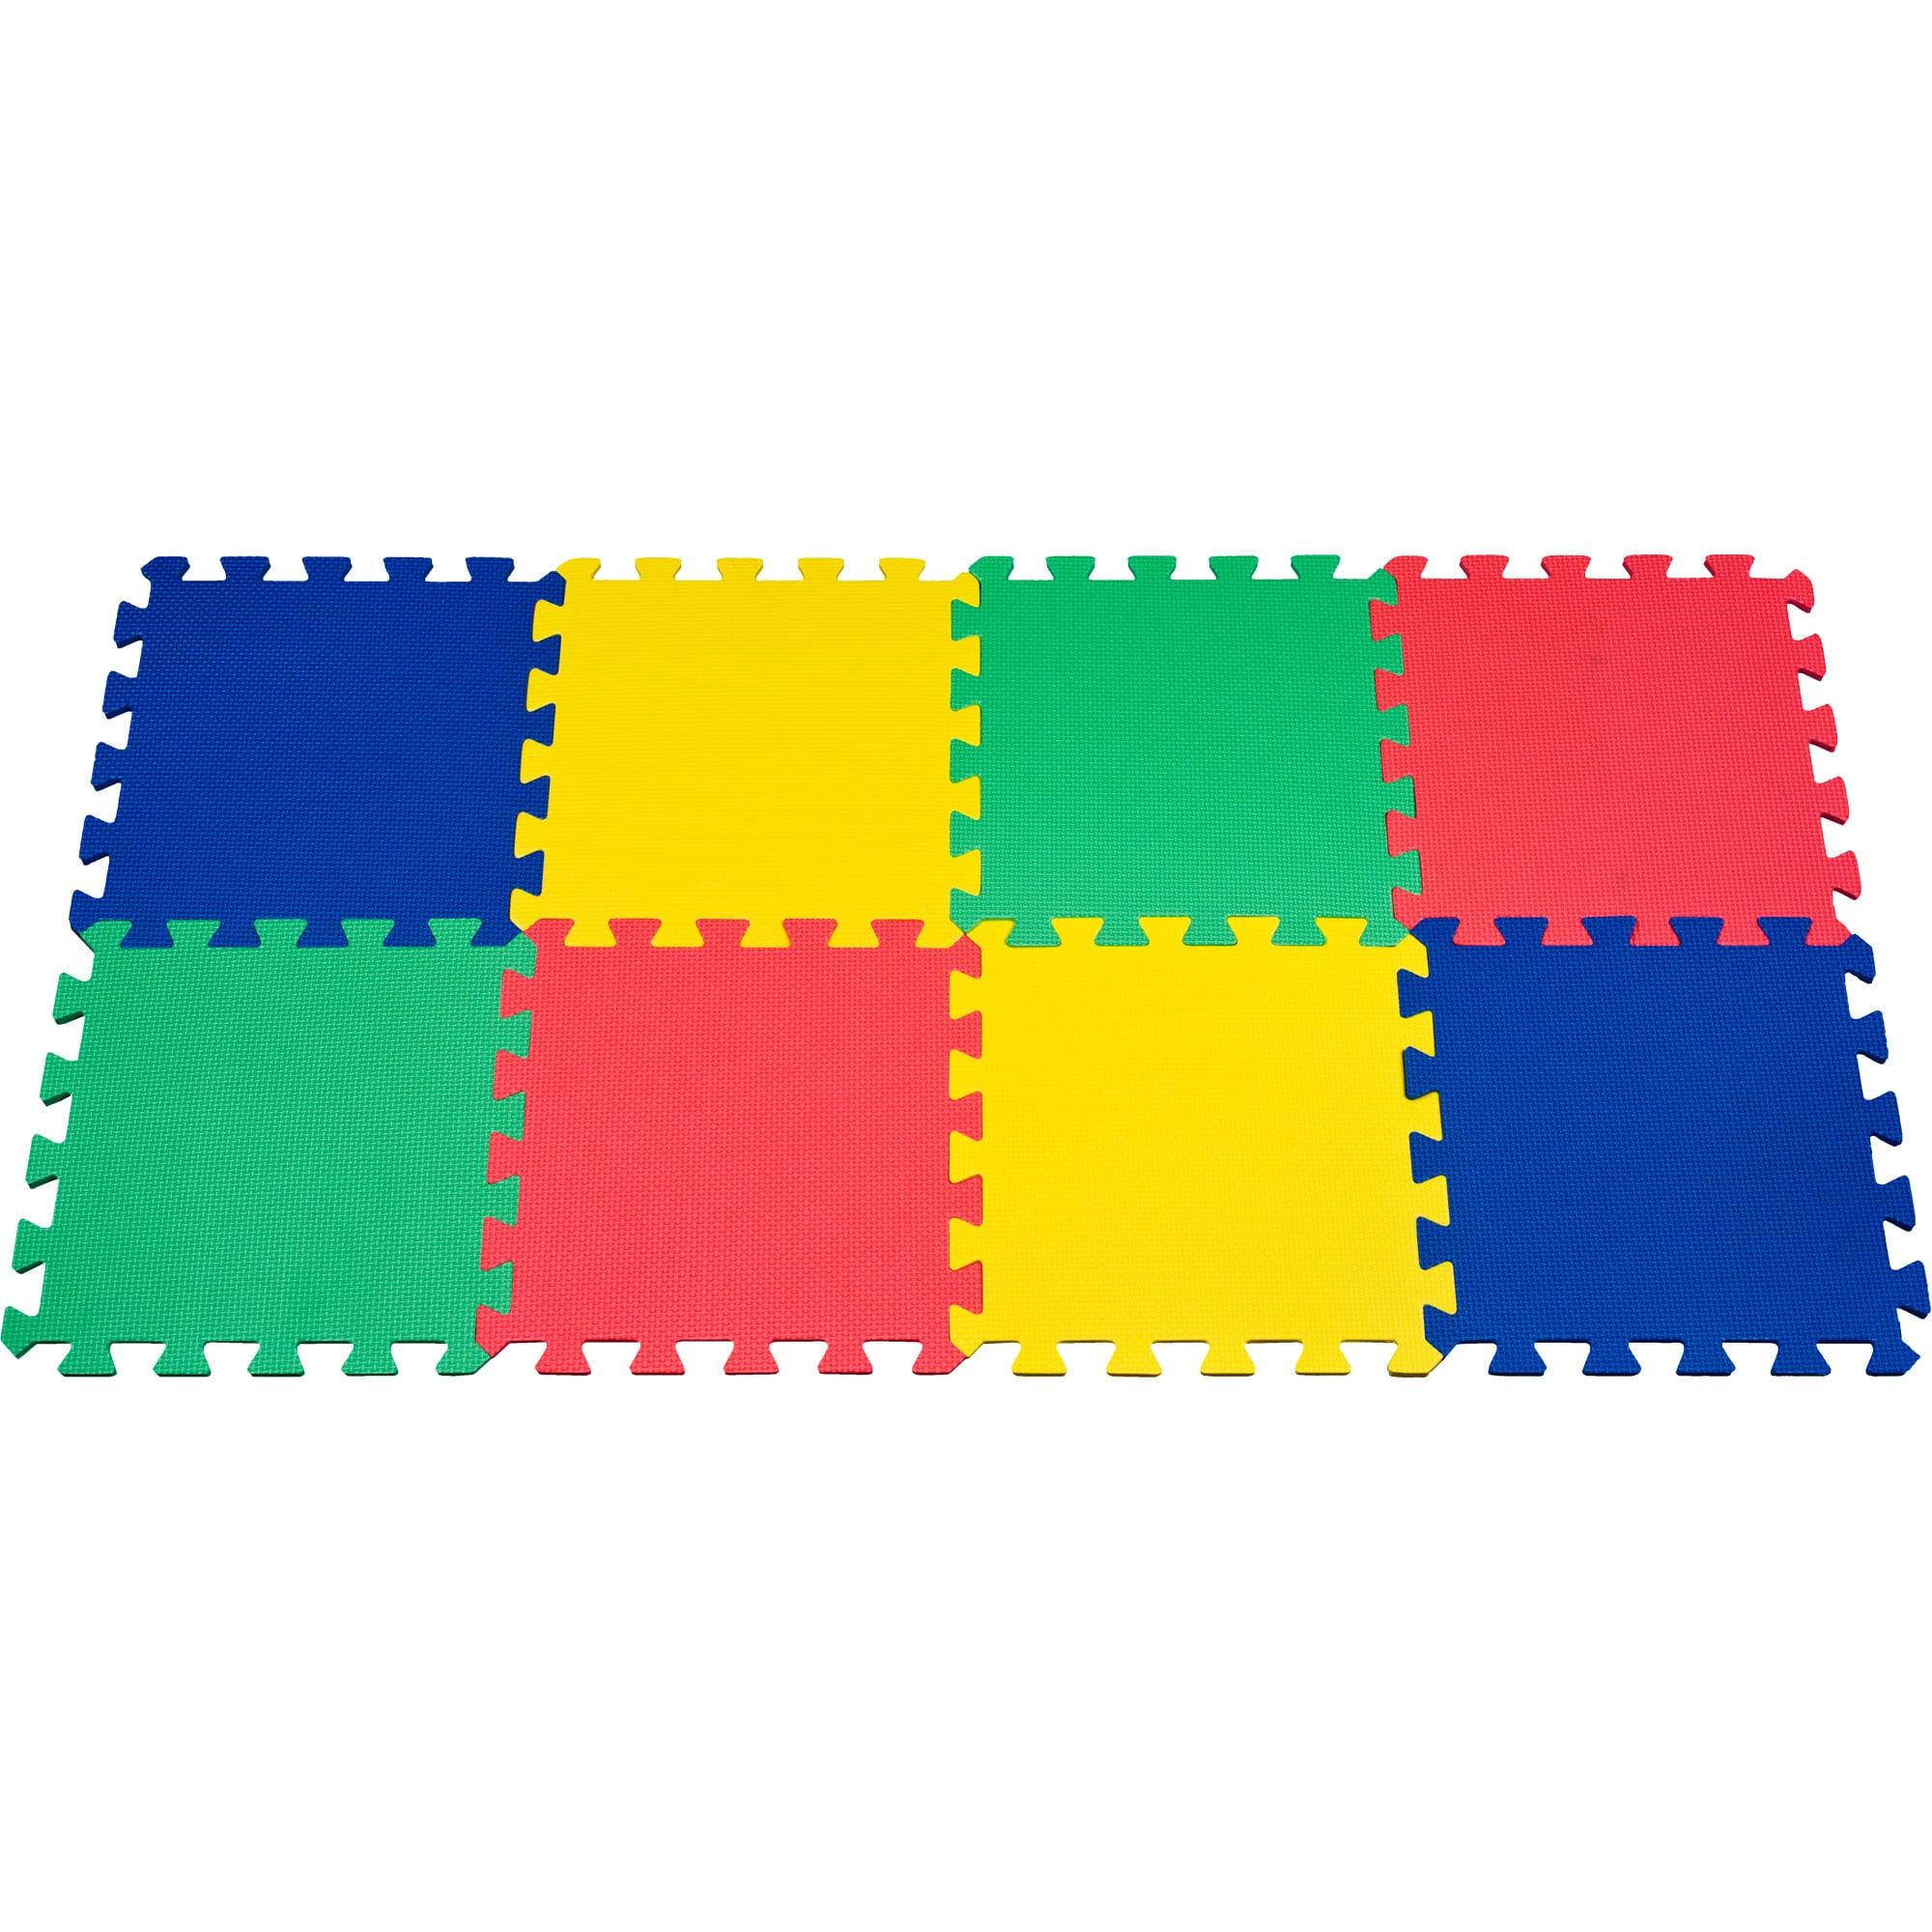 mats educational product playmat toys mat baby alphabet puzzle kiyobaby evafoammat kiyo malaysia play classic alphabets classicpuzzlemat puzzlemat home